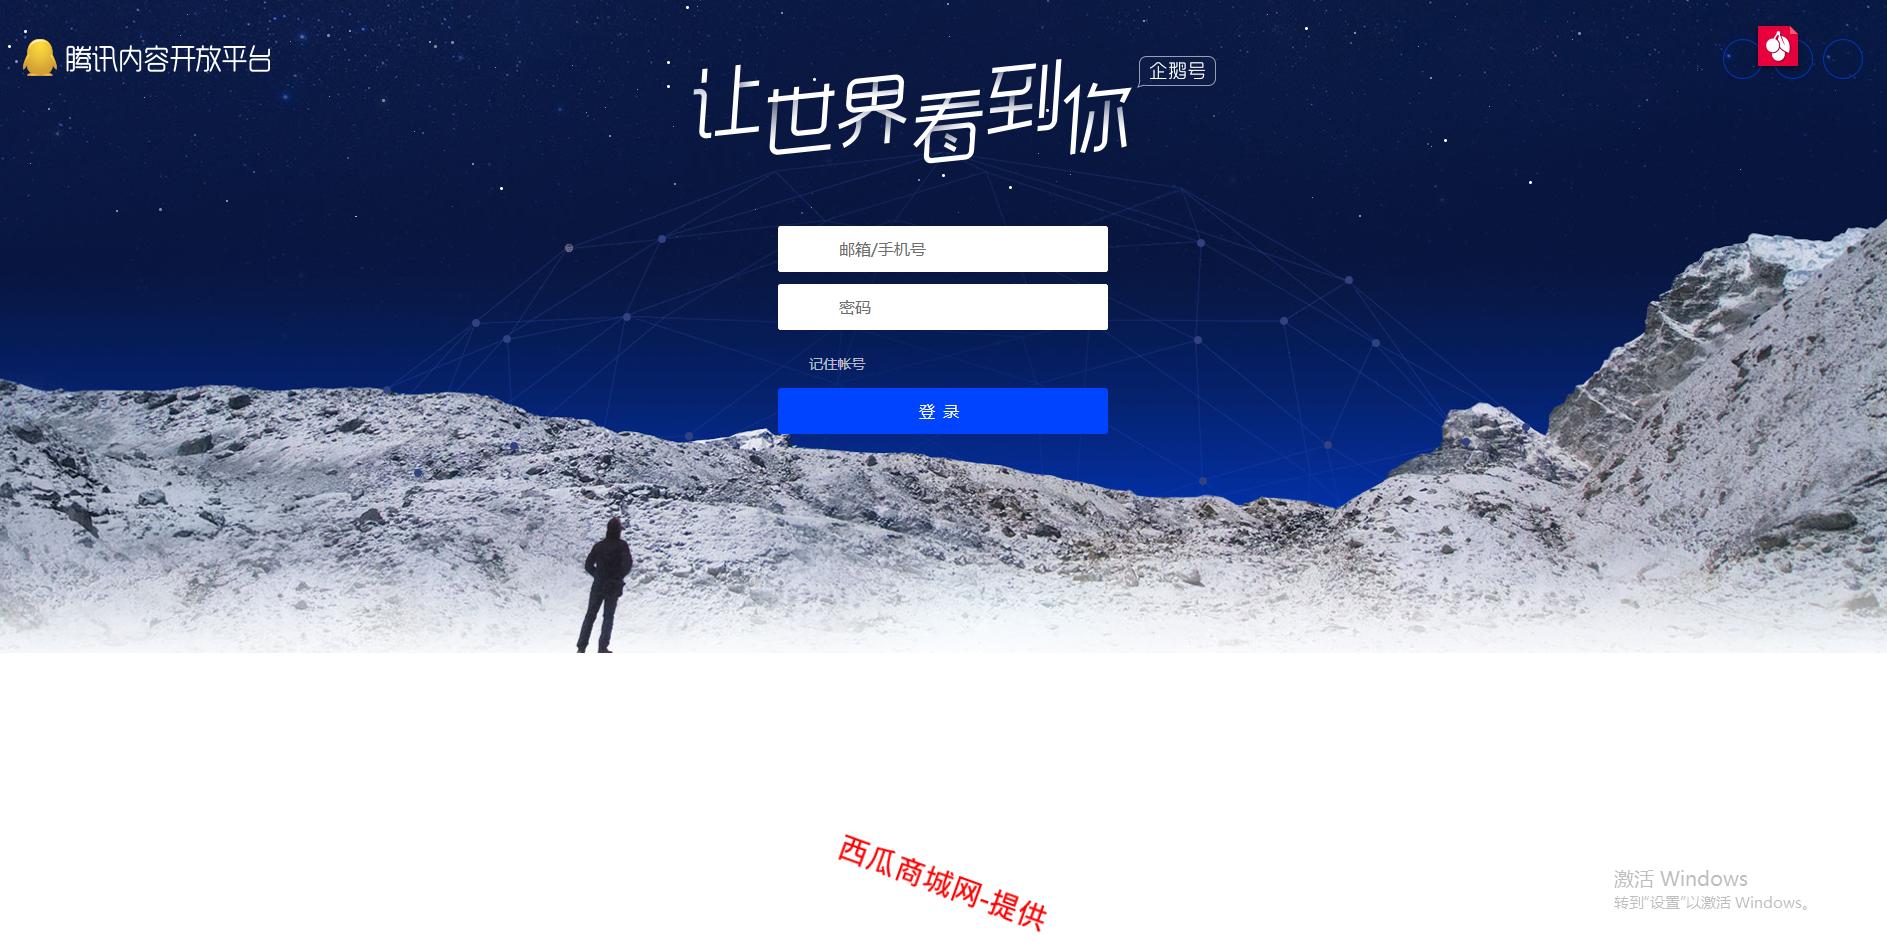 黑白娱乐网-高仿腾讯内容开放平台登录页